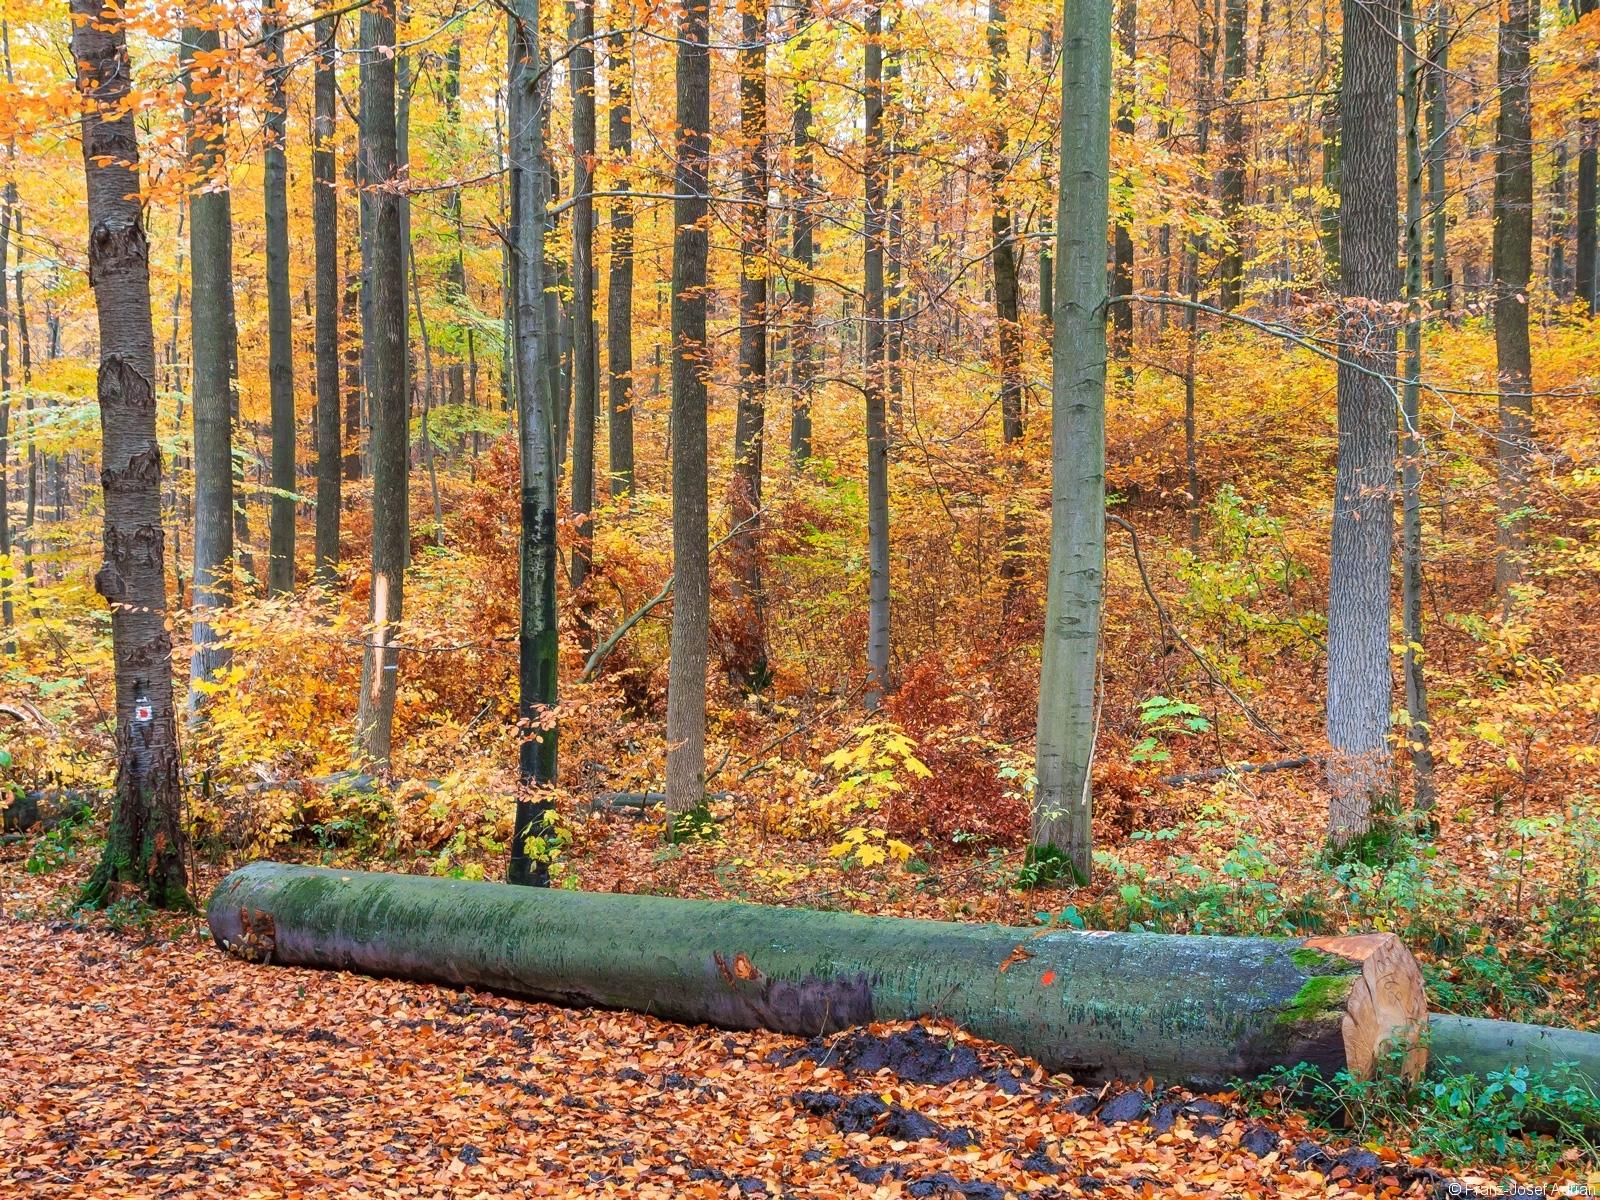 68 cm dicker Baumstamm vor abwechslungsreichem Plenterwald